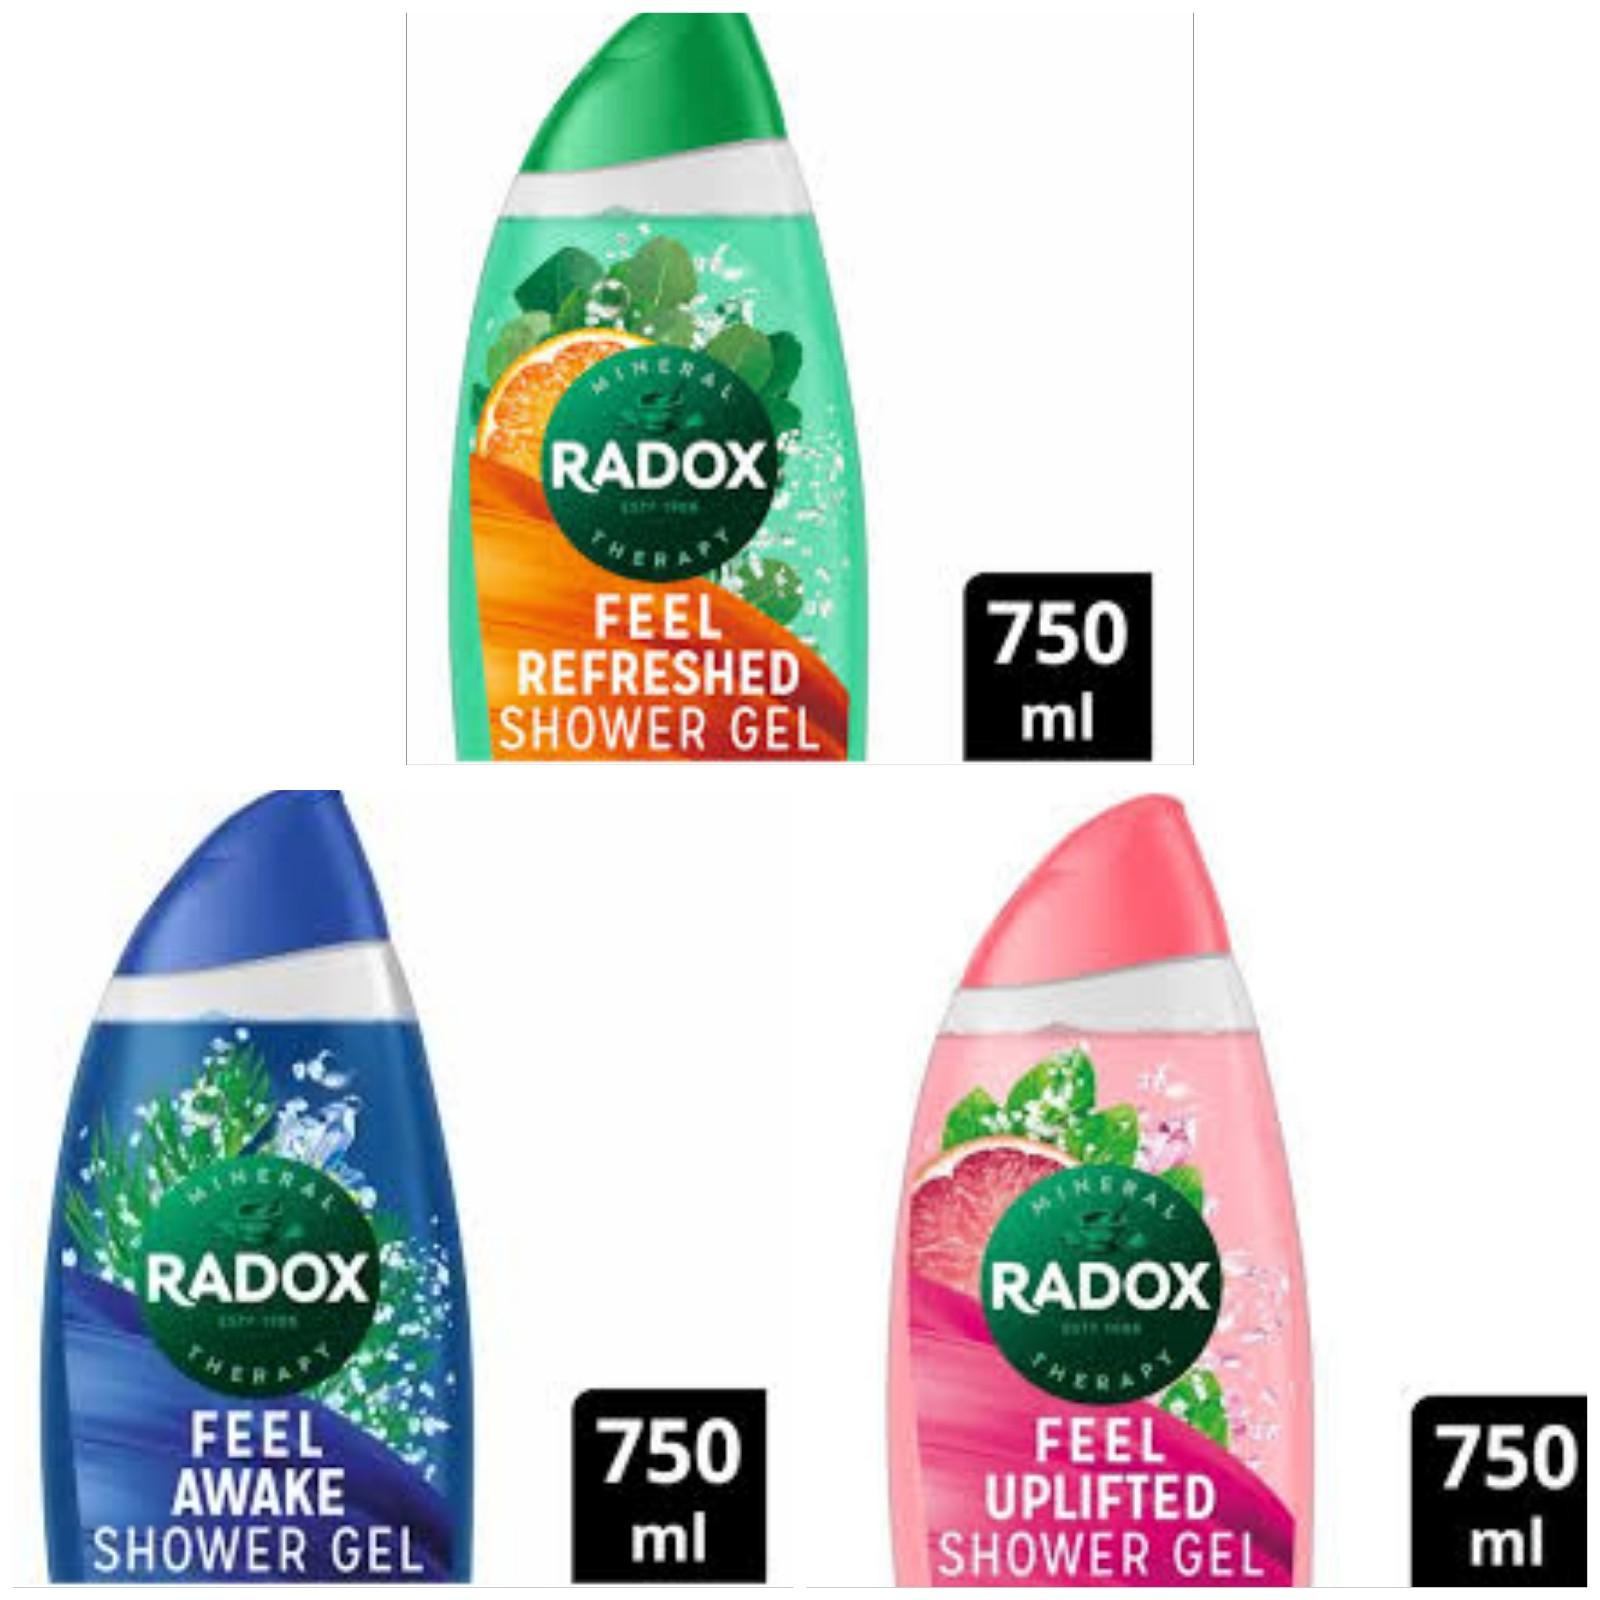 Radox Shower Gels 750ml (XXL Bottle) Now £1.98 + 500ml (XL Bottles) Now £1.48 - Free click & collect @ Superdug